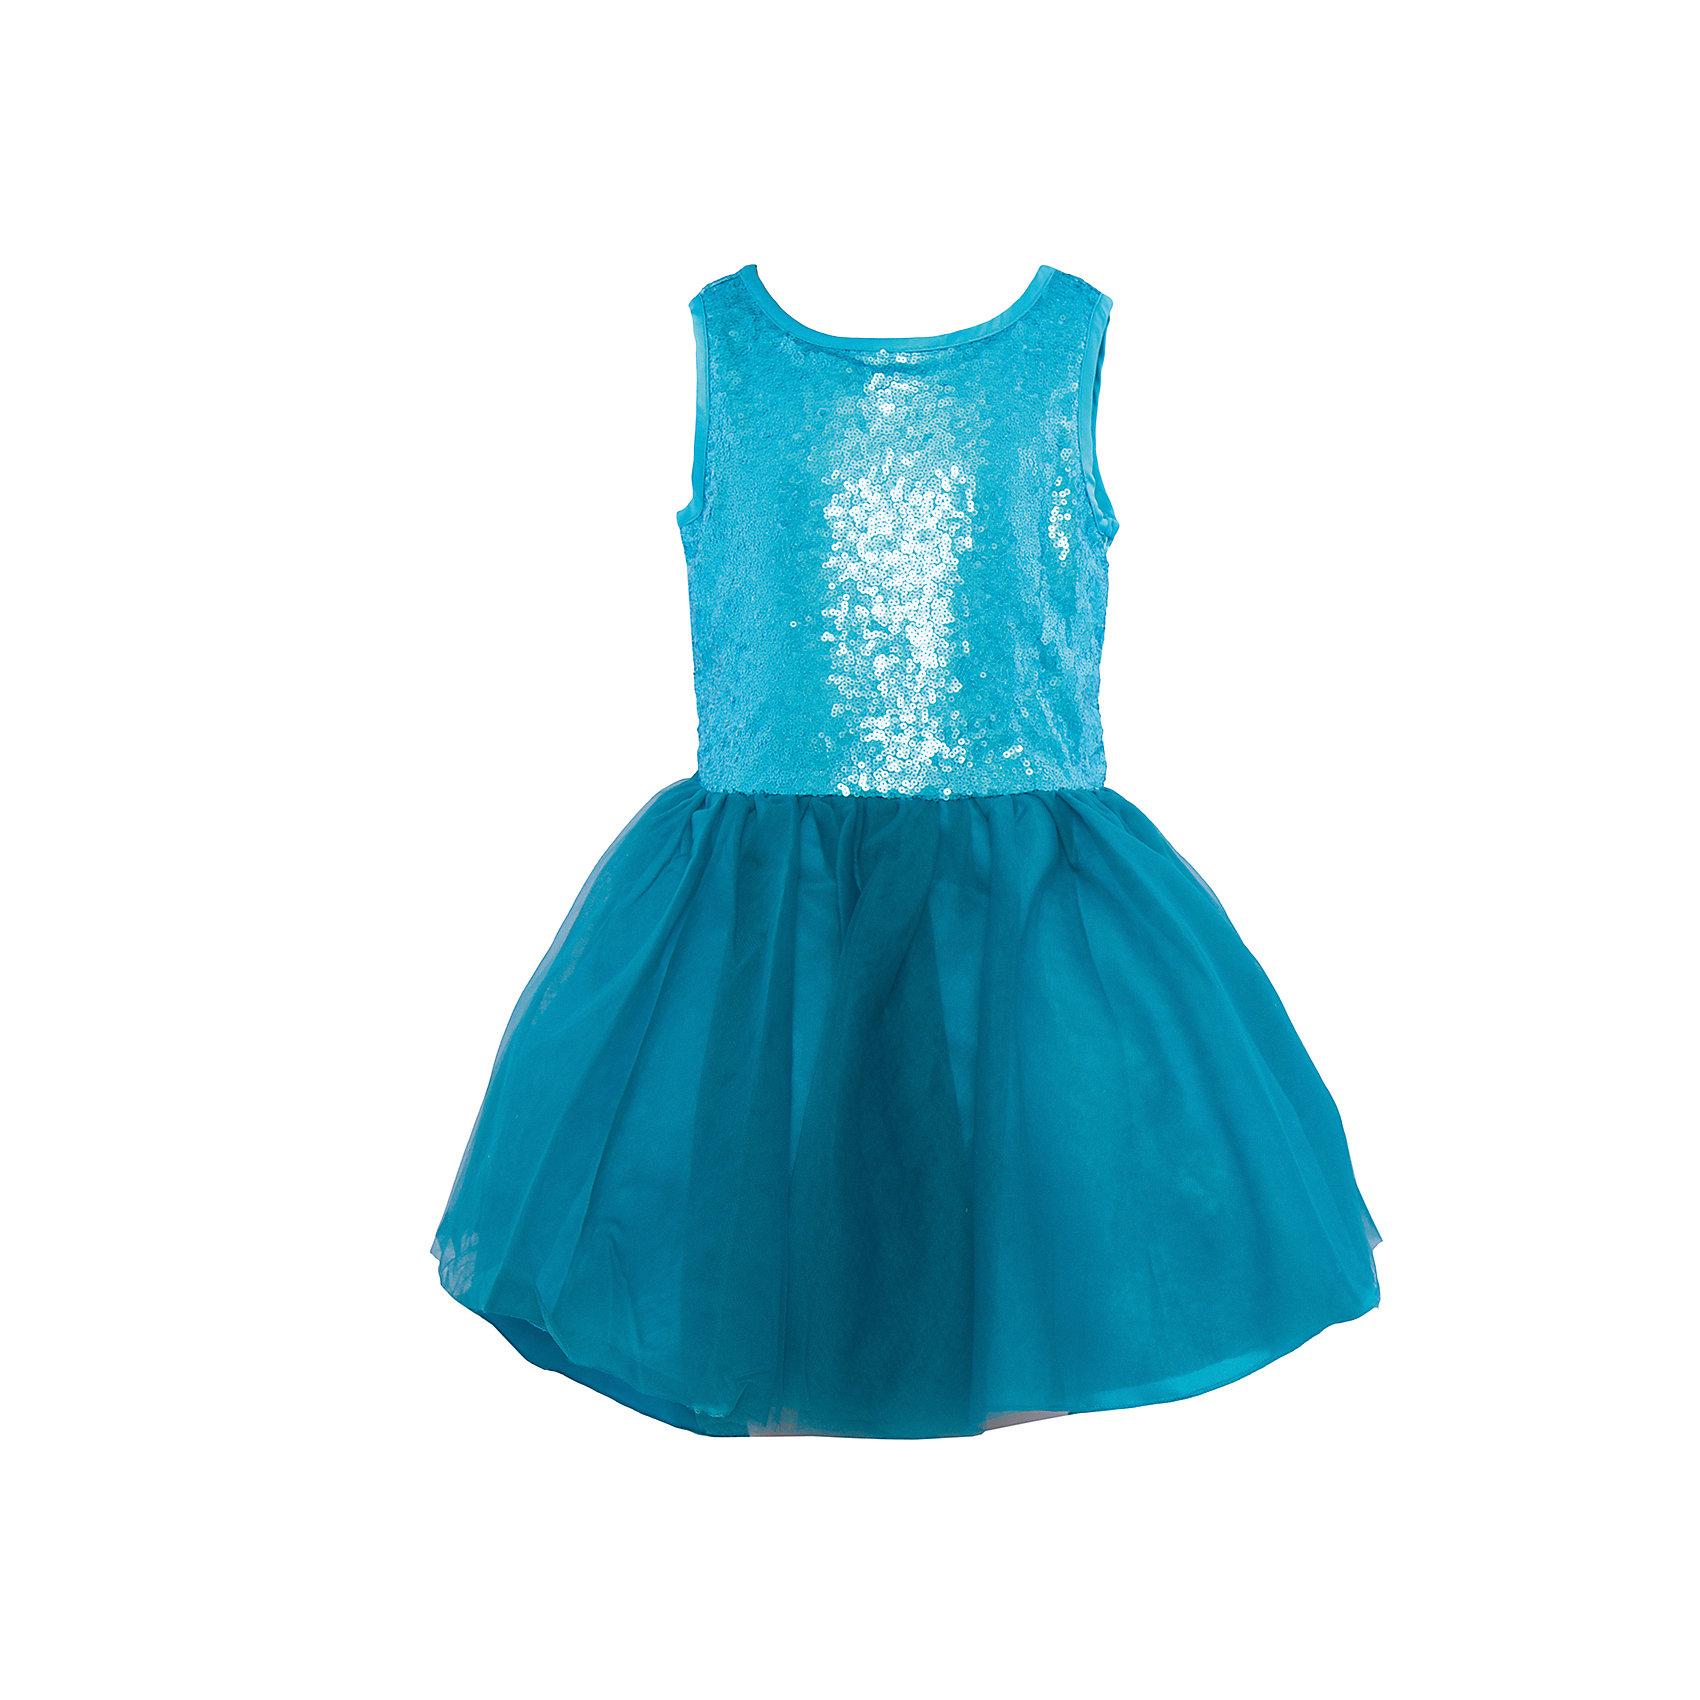 Нарядное платье для девочки Sweet BerryХарактеристики:<br><br>• Вид одежды: платье<br>• Предназначение: для праздника, торжеств<br>• Сезон: круглый год<br>• Материал: верх – 100% полиэстер; подкладка – 100% хлопок<br>• Цвет: бирюзовый, голубой<br>• Силуэт: классический А-силуэт<br>• Длина платья: миди<br>• Стиль юбки: пачка<br>• Вырез горловины: круглый<br>• Застежка: молния на спинке<br>• Особенности ухода: ручная стирка без применения отбеливающих средств, глажение при низкой температуре <br><br>Sweet Berry – это производитель, который сочетает в своей одежде функциональность, качество, стиль и следование современным мировым тенденциям в детской текстильной индустрии. <br>Стильное платье для девочки от знаменитого производителя детской одежды Sweet Berry выполнено из полиэстера с хлопковой подкладкой. Изделие имеет классический силуэт с отрезной талией и многослойную юбку-пачку со шлейфом. Пышность и объем юбке придает подъюбник. Полочка оформлена пайетками бирюзового цвета, вырез рукавов и горловины обработаны атласной лентой. Праздничное платье от Sweet Berry – это залог успеха вашего ребенка на любом торжестве!<br><br>Платье для девочки Sweet Berry можно купить в нашем интернет-магазине.<br><br>Ширина мм: 236<br>Глубина мм: 16<br>Высота мм: 184<br>Вес г: 177<br>Цвет: голубой<br>Возраст от месяцев: 36<br>Возраст до месяцев: 48<br>Пол: Женский<br>Возраст: Детский<br>Размер: 104,98,110,116,122,128<br>SKU: 5052161